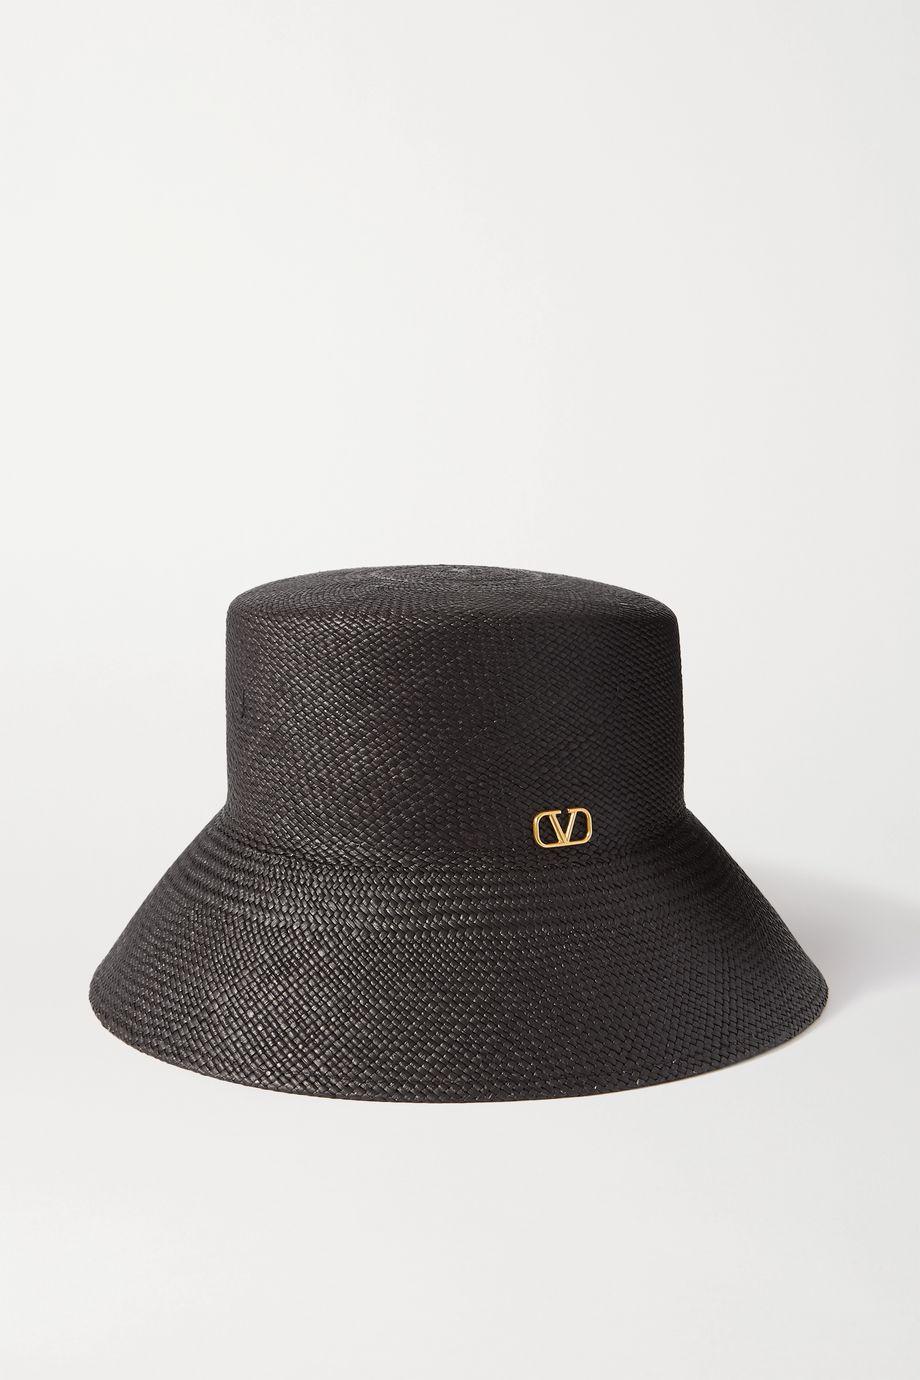 Valentino Valentino Garavani embellished straw hat